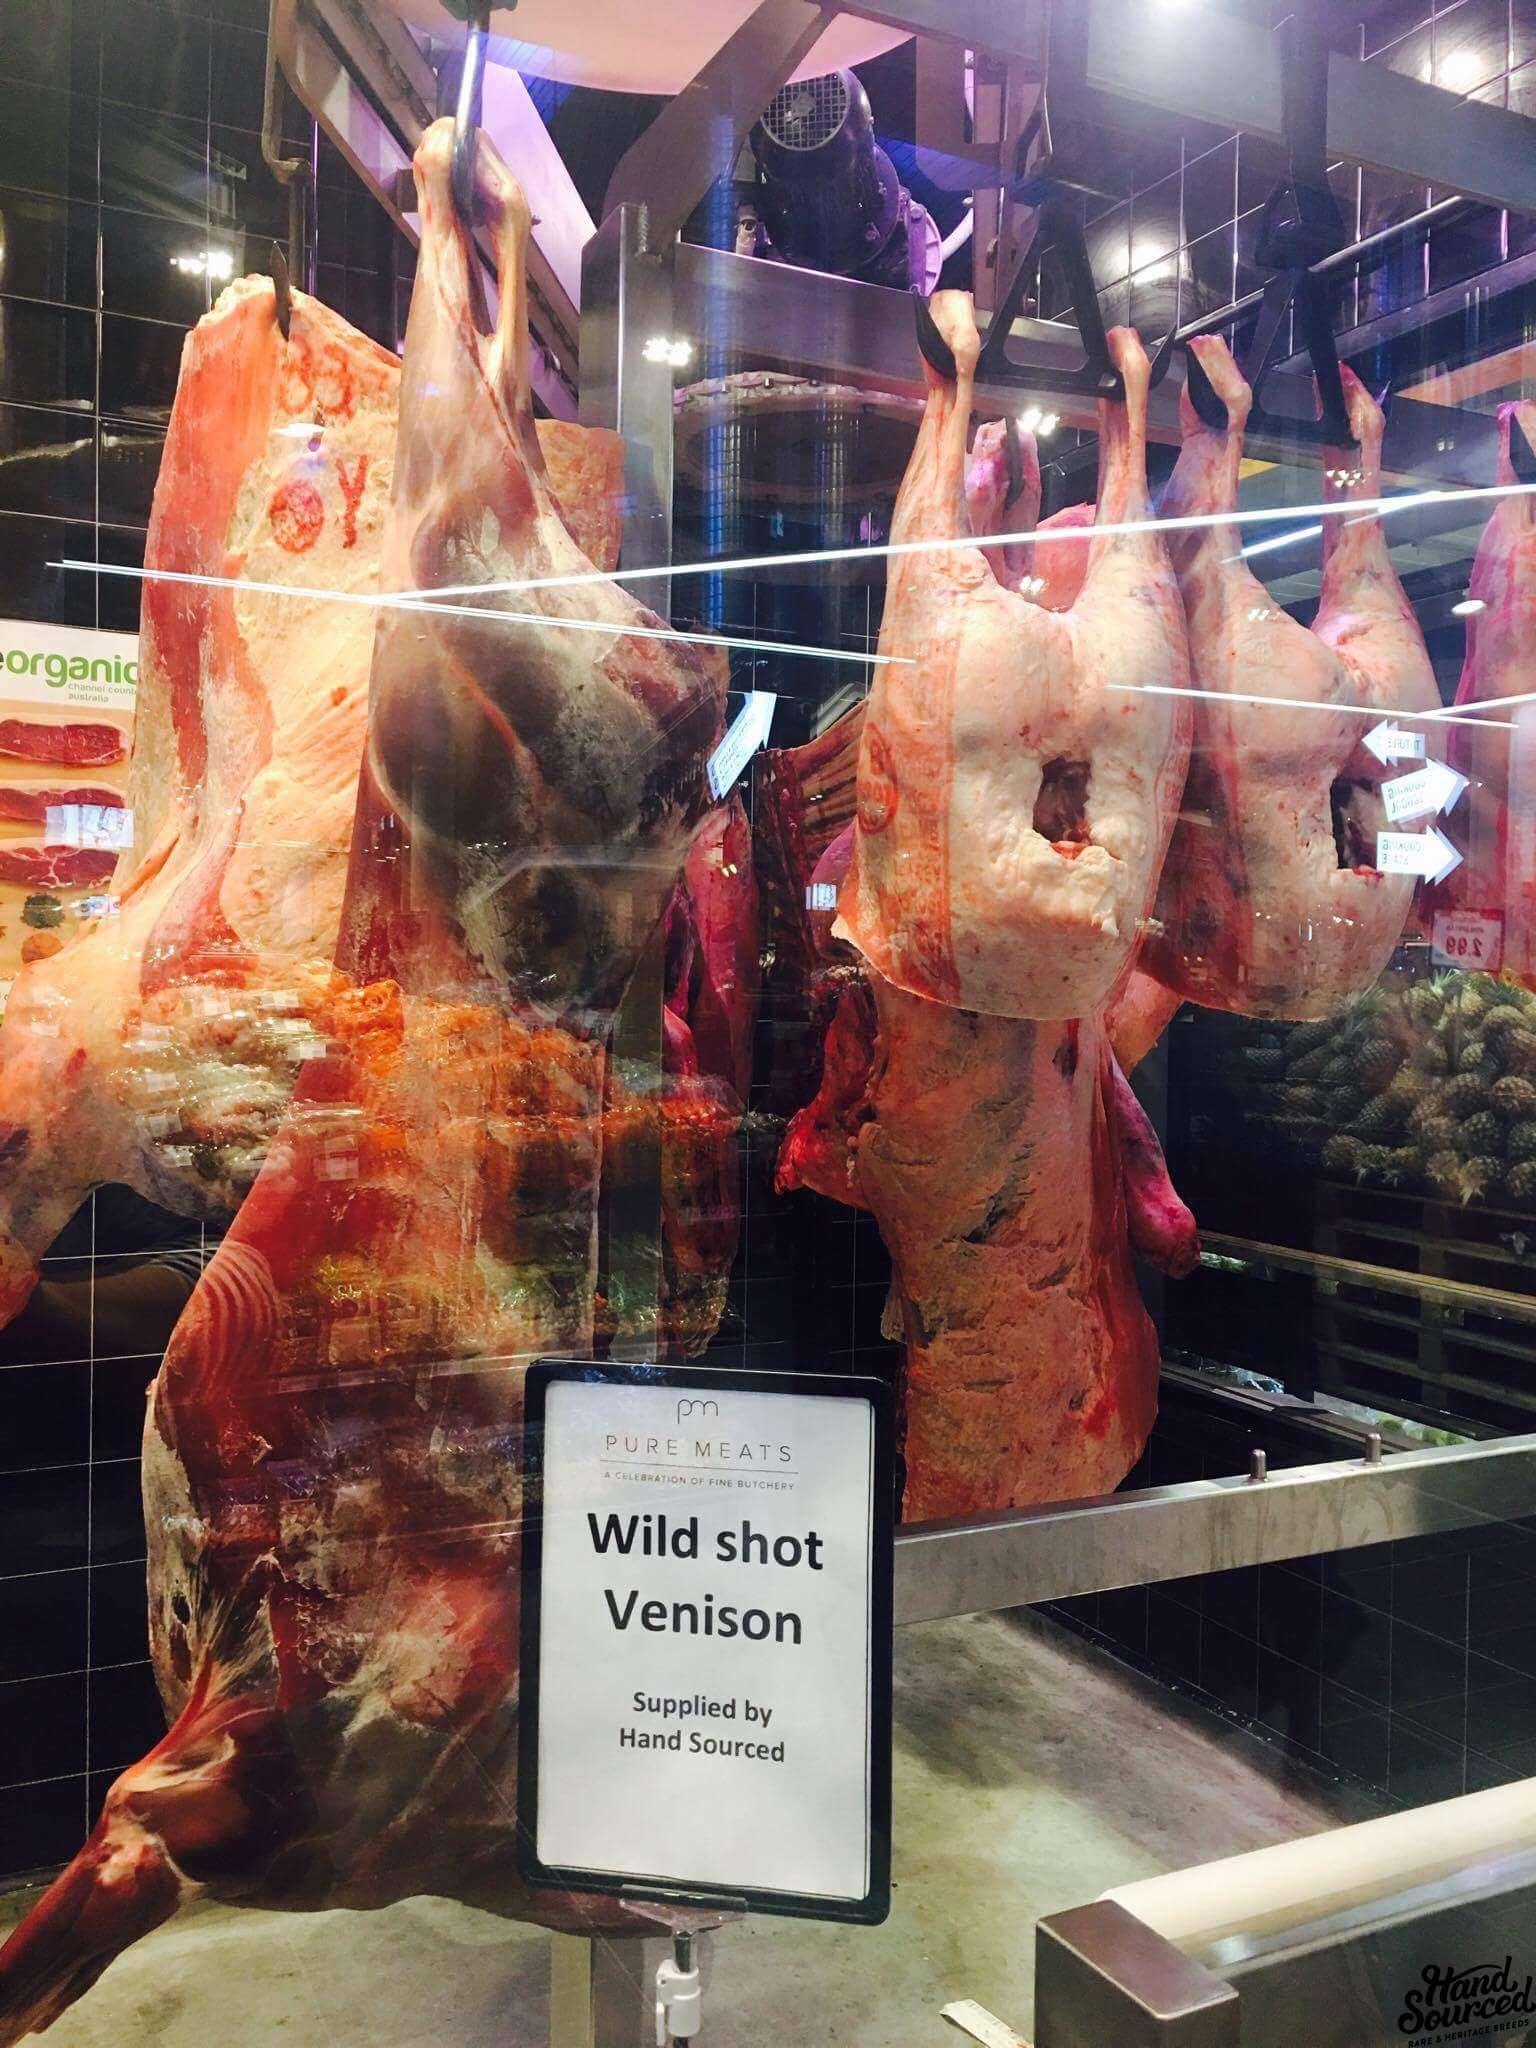 Wild Shot Venison Hand Sourced